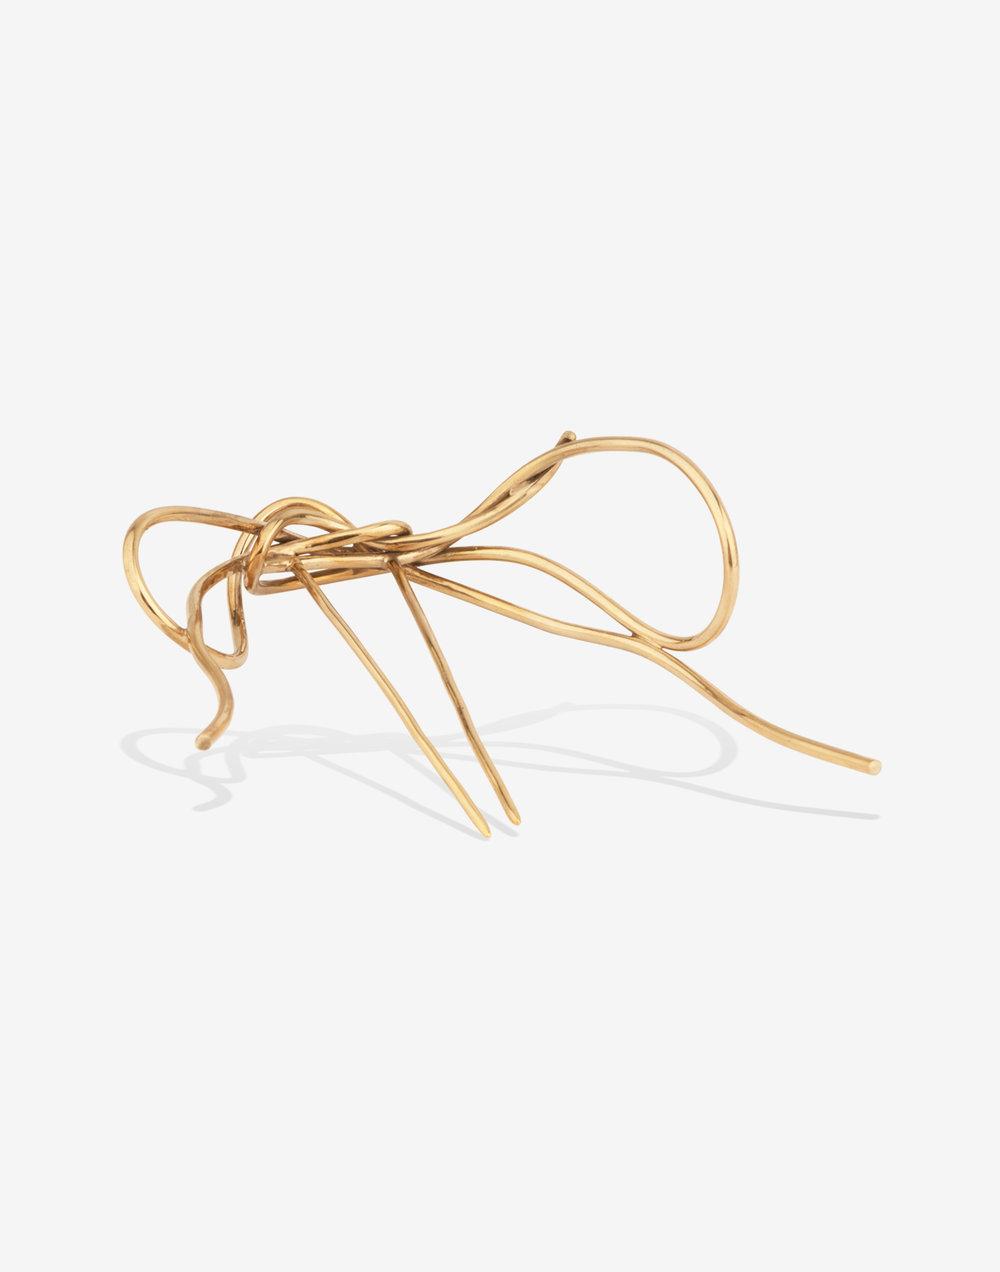 Completedworks-Tied-Silver-Bracelet-A1008-1.jpg